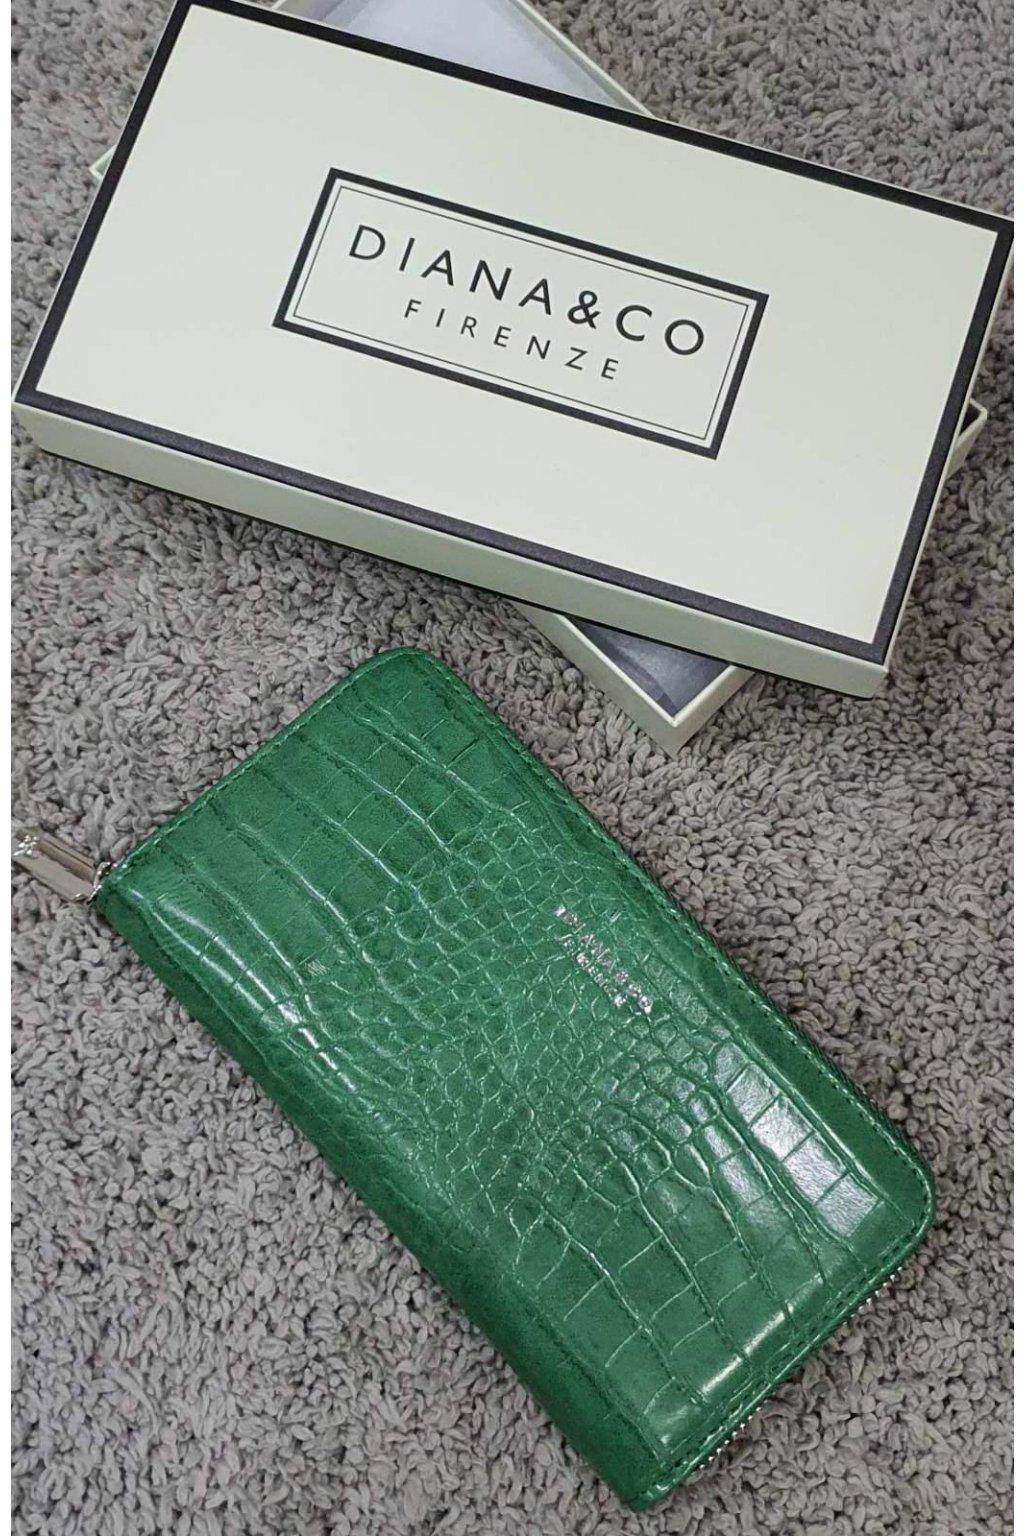 Značková peněženka Diana&co zelená